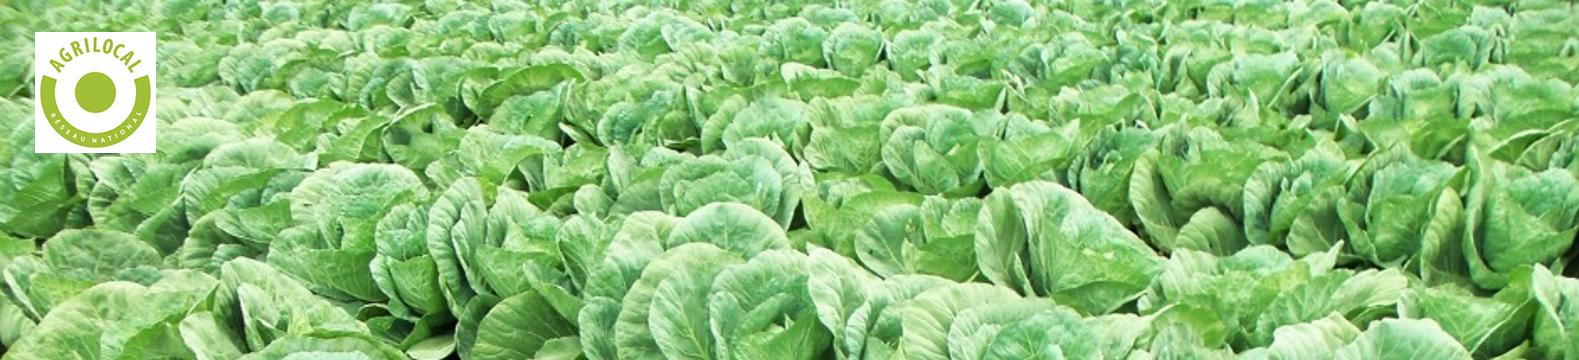 Agrilocal, la proximité fait recette !